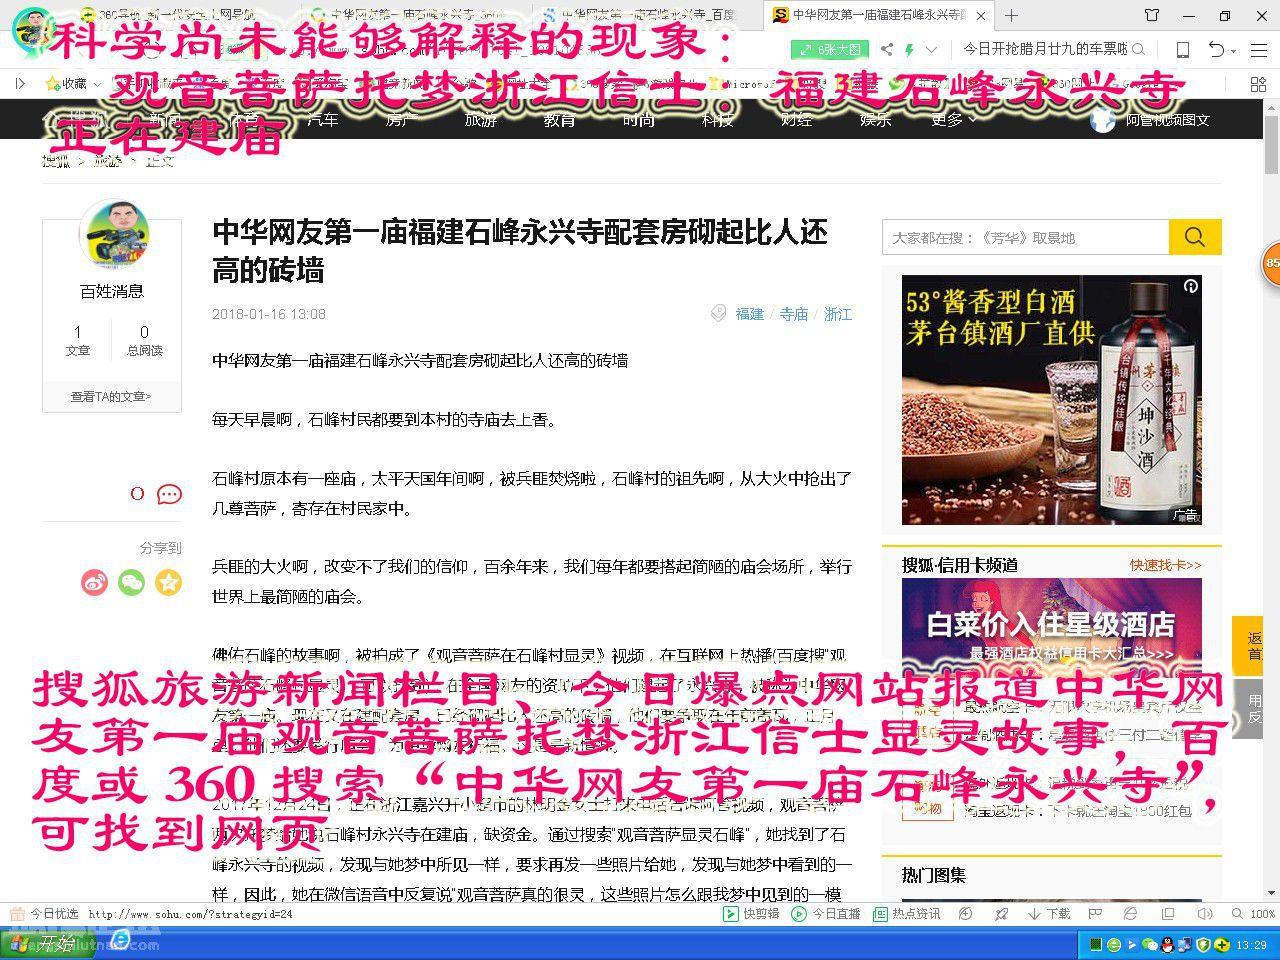 002、2018年1月16日 搜狐旅游新闻栏目、今日爆点网站报道中华网友第一庙观音菩萨托梦.jpg